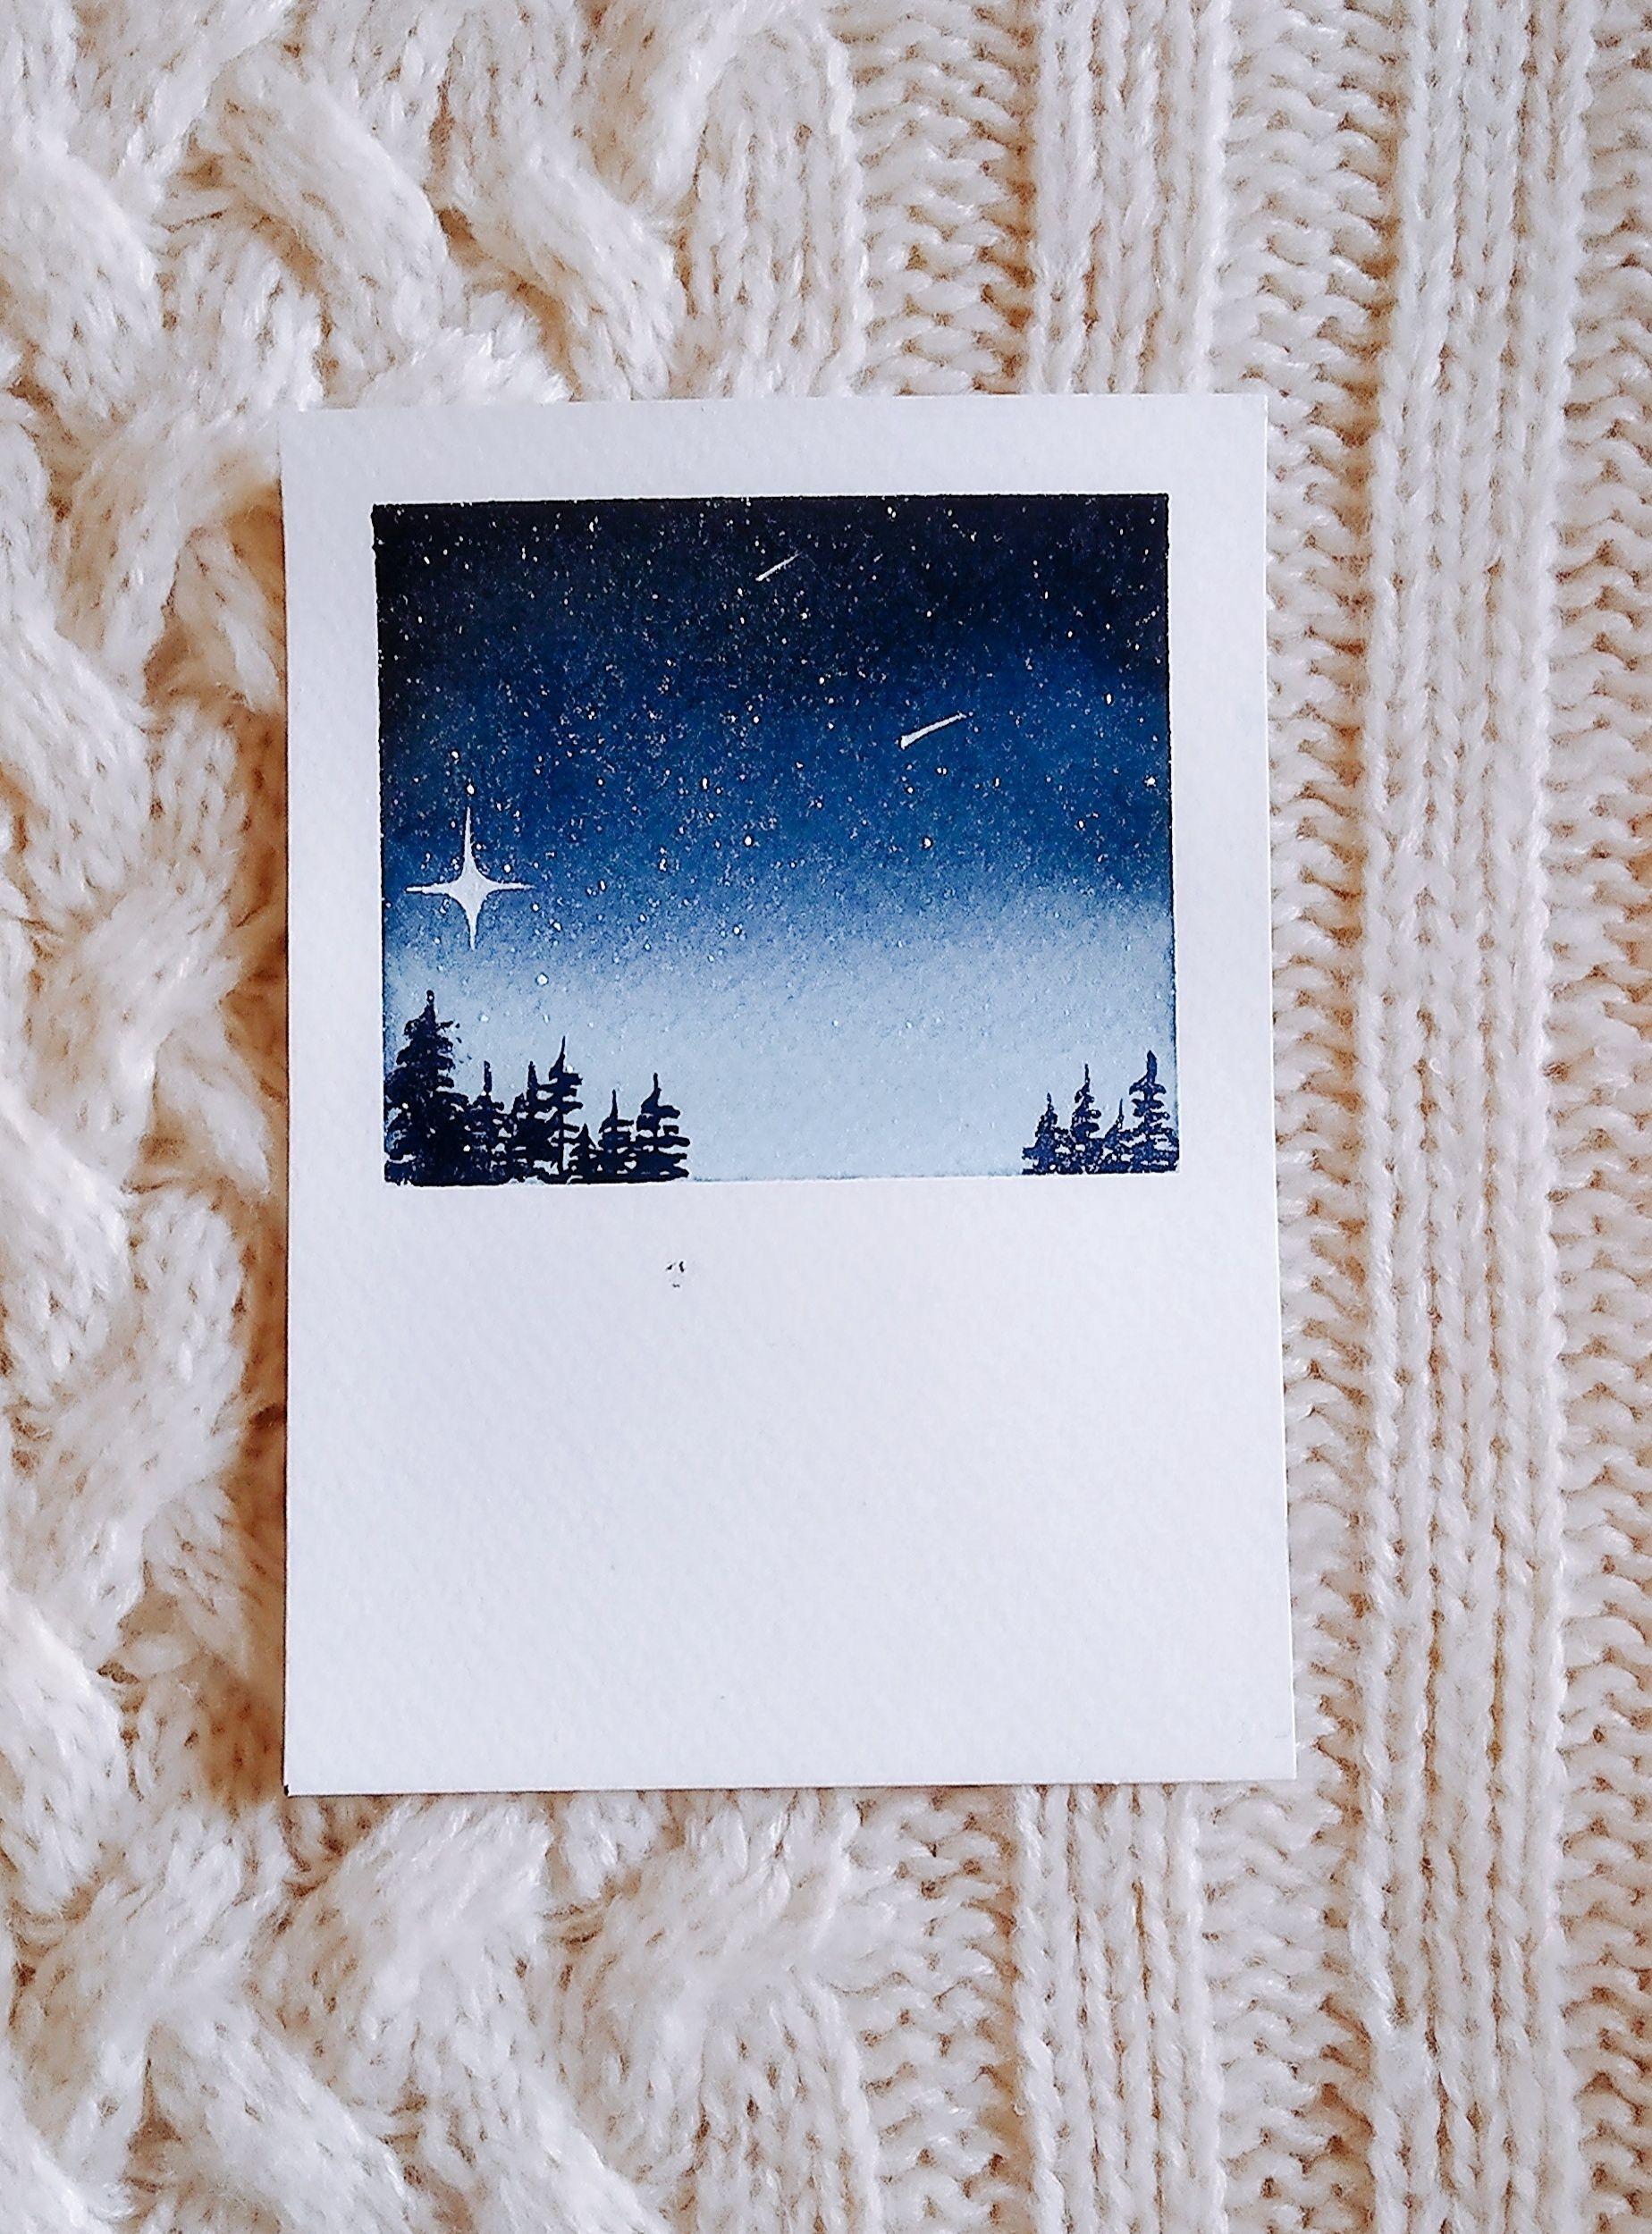 Watercolor Polaroid Night Sky Painting Ideas